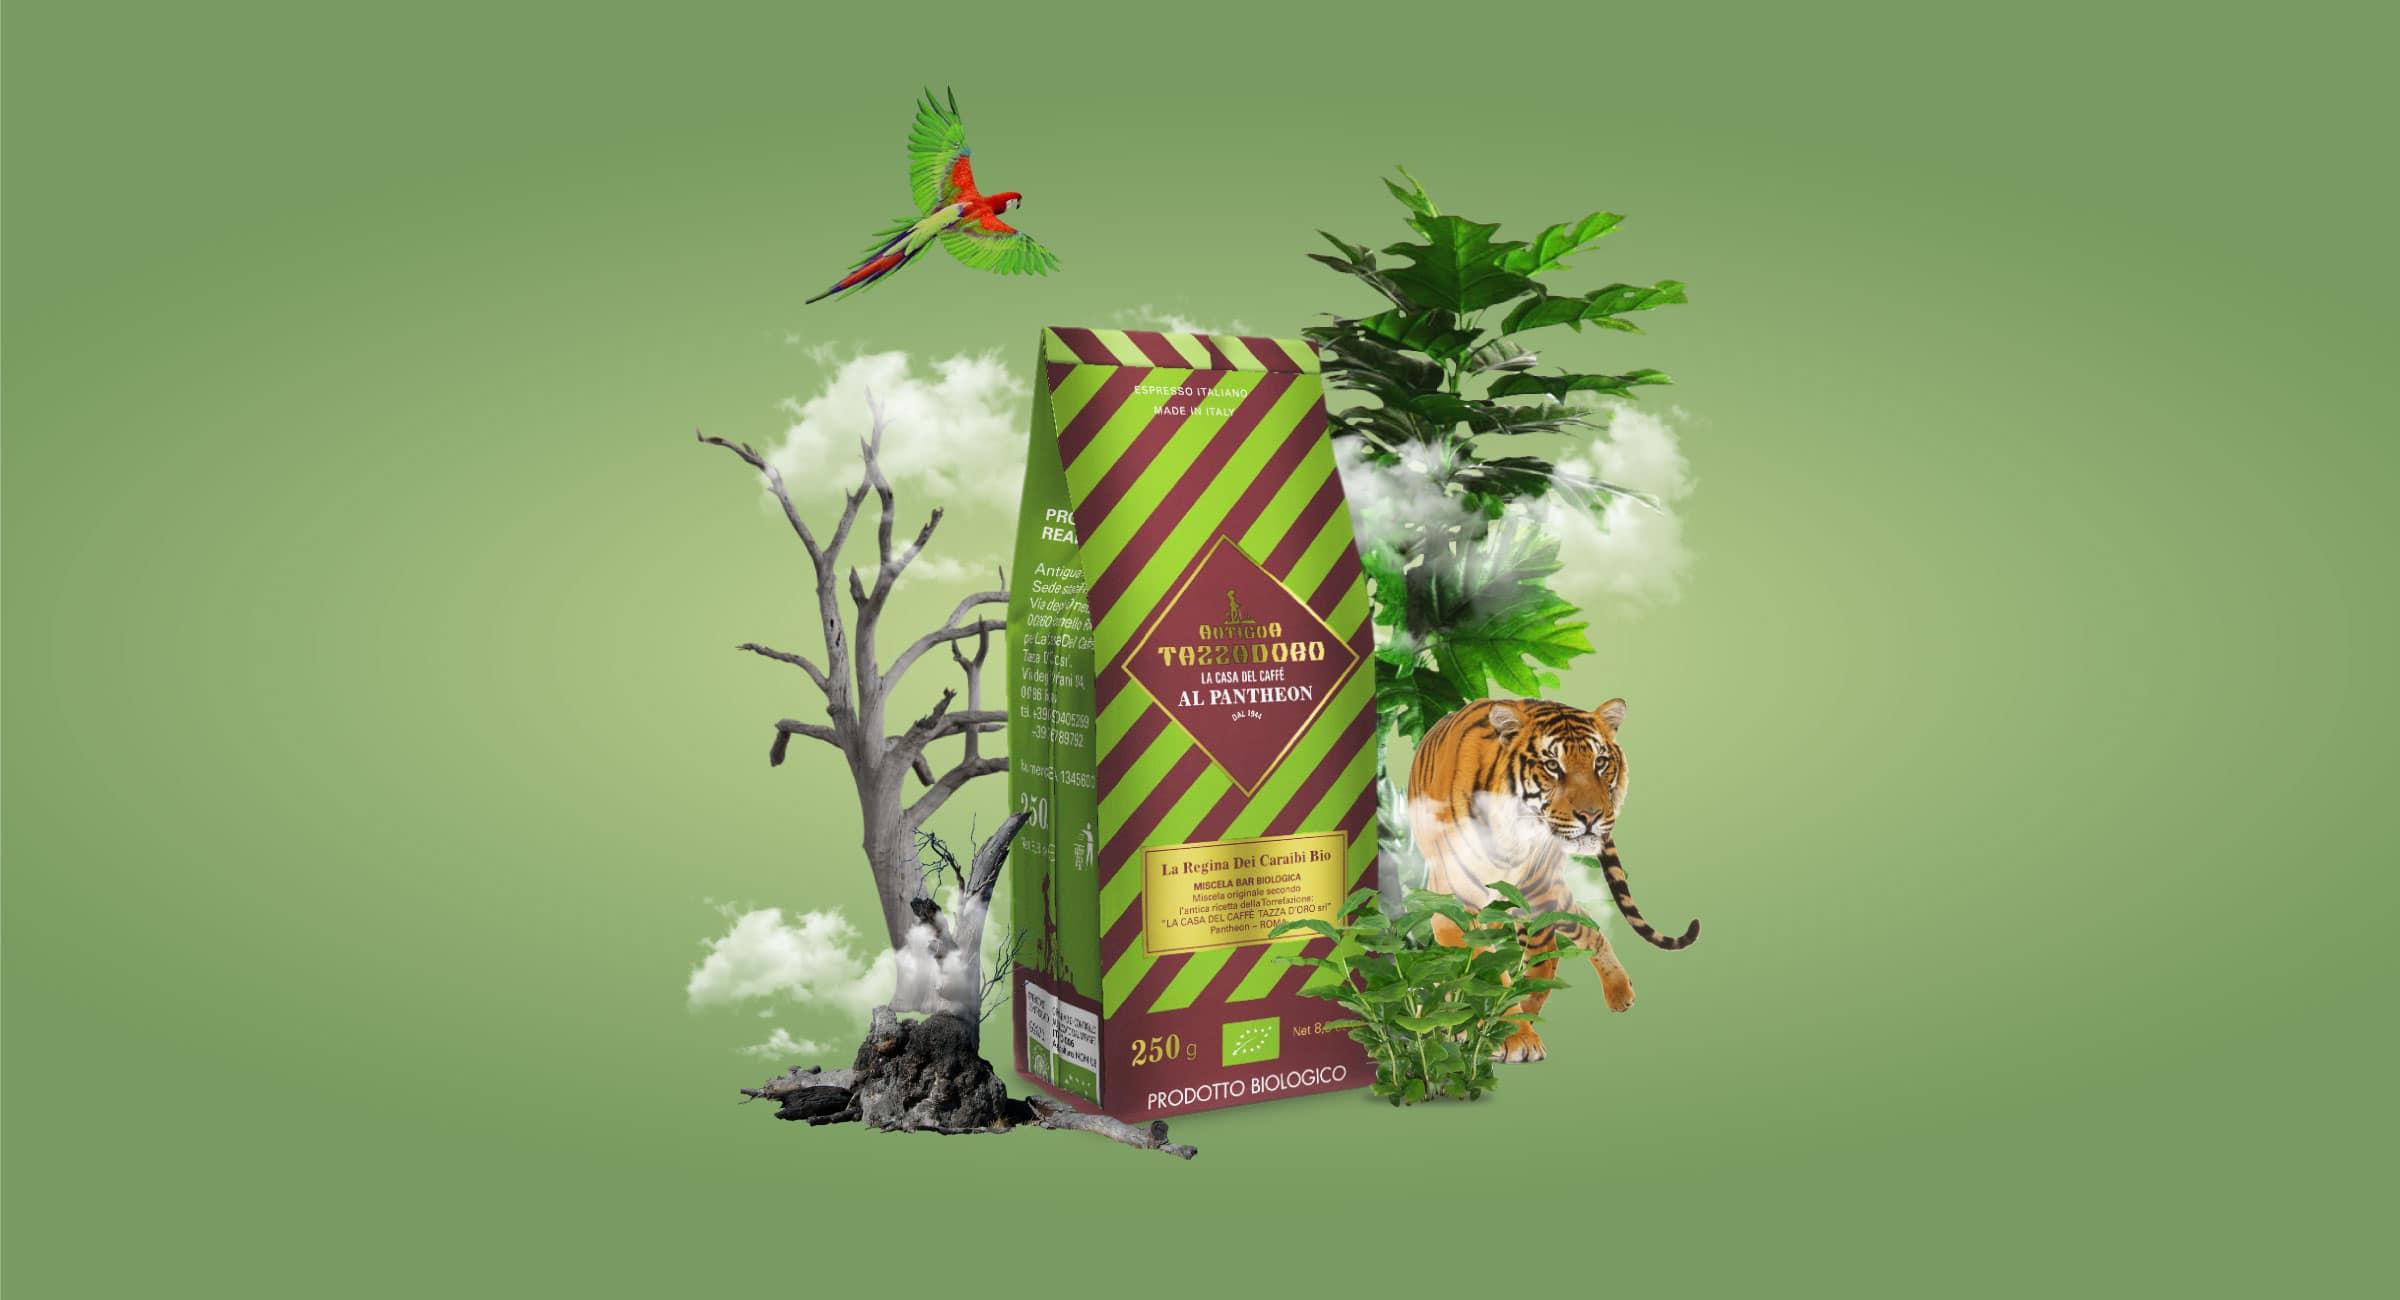 Composizione grafica di un pacchetto di caffè macinato con alberi, piante, una tigre, un pappagallo e nuvole.